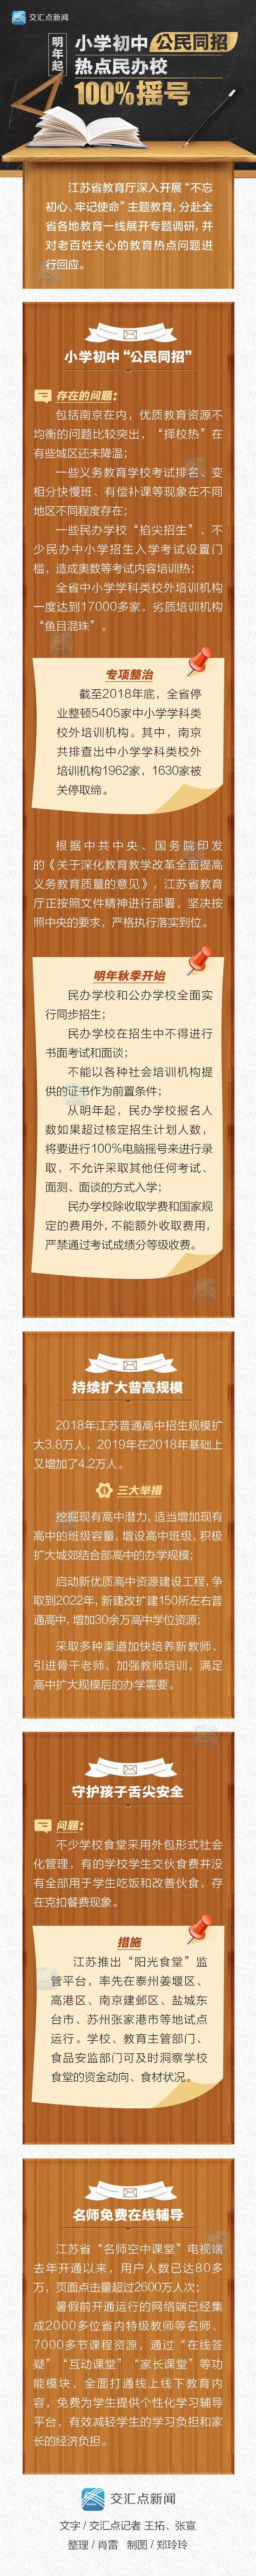 小学初中公民同招:江苏明年起小学初中公民同招,热点民办校100%摇号